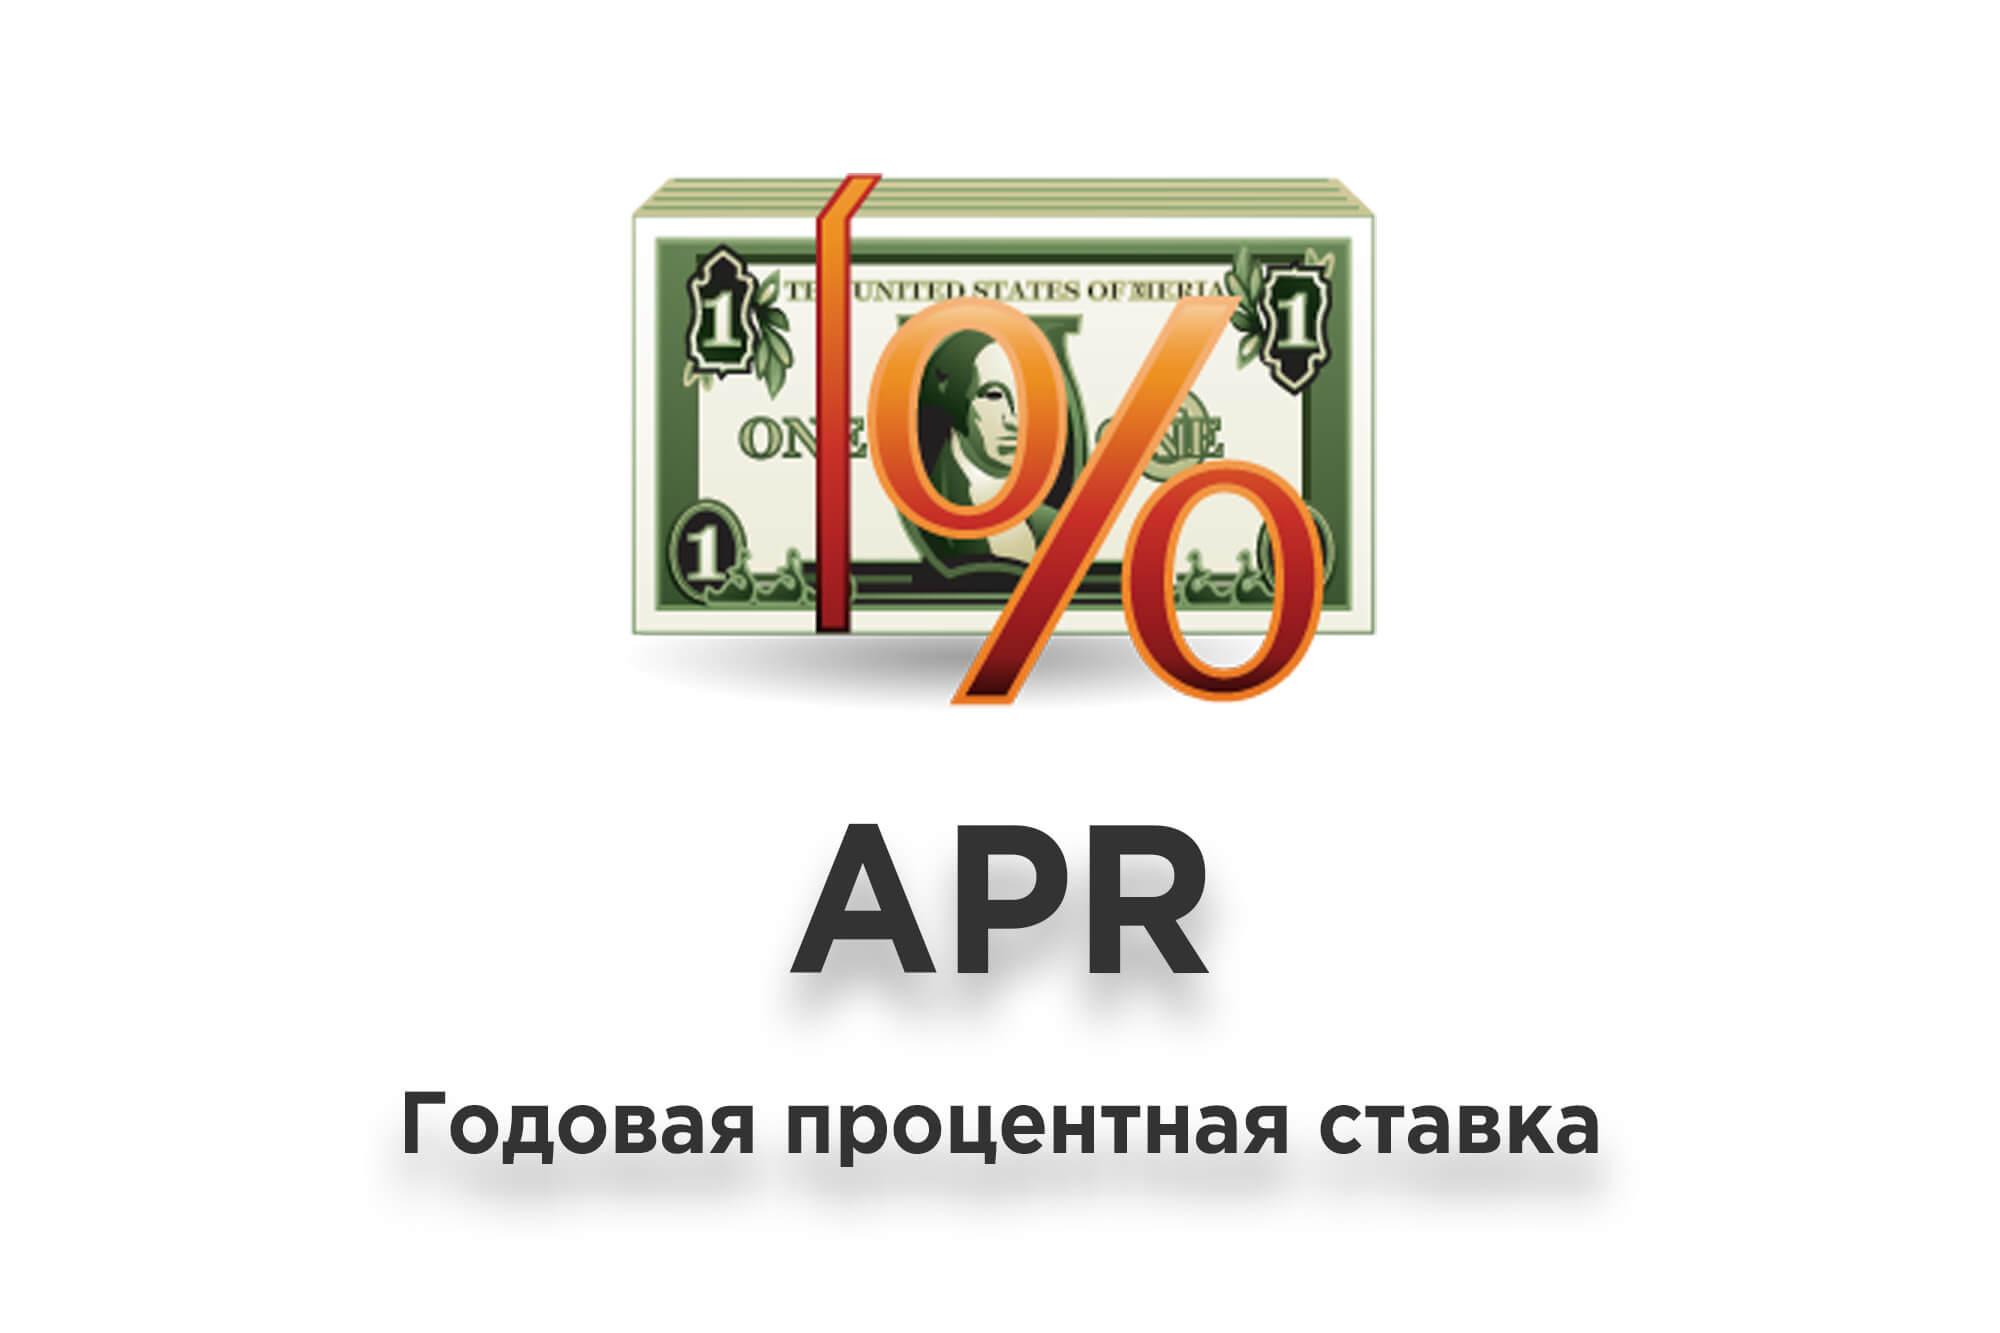 банки онлайн кредит волгоград